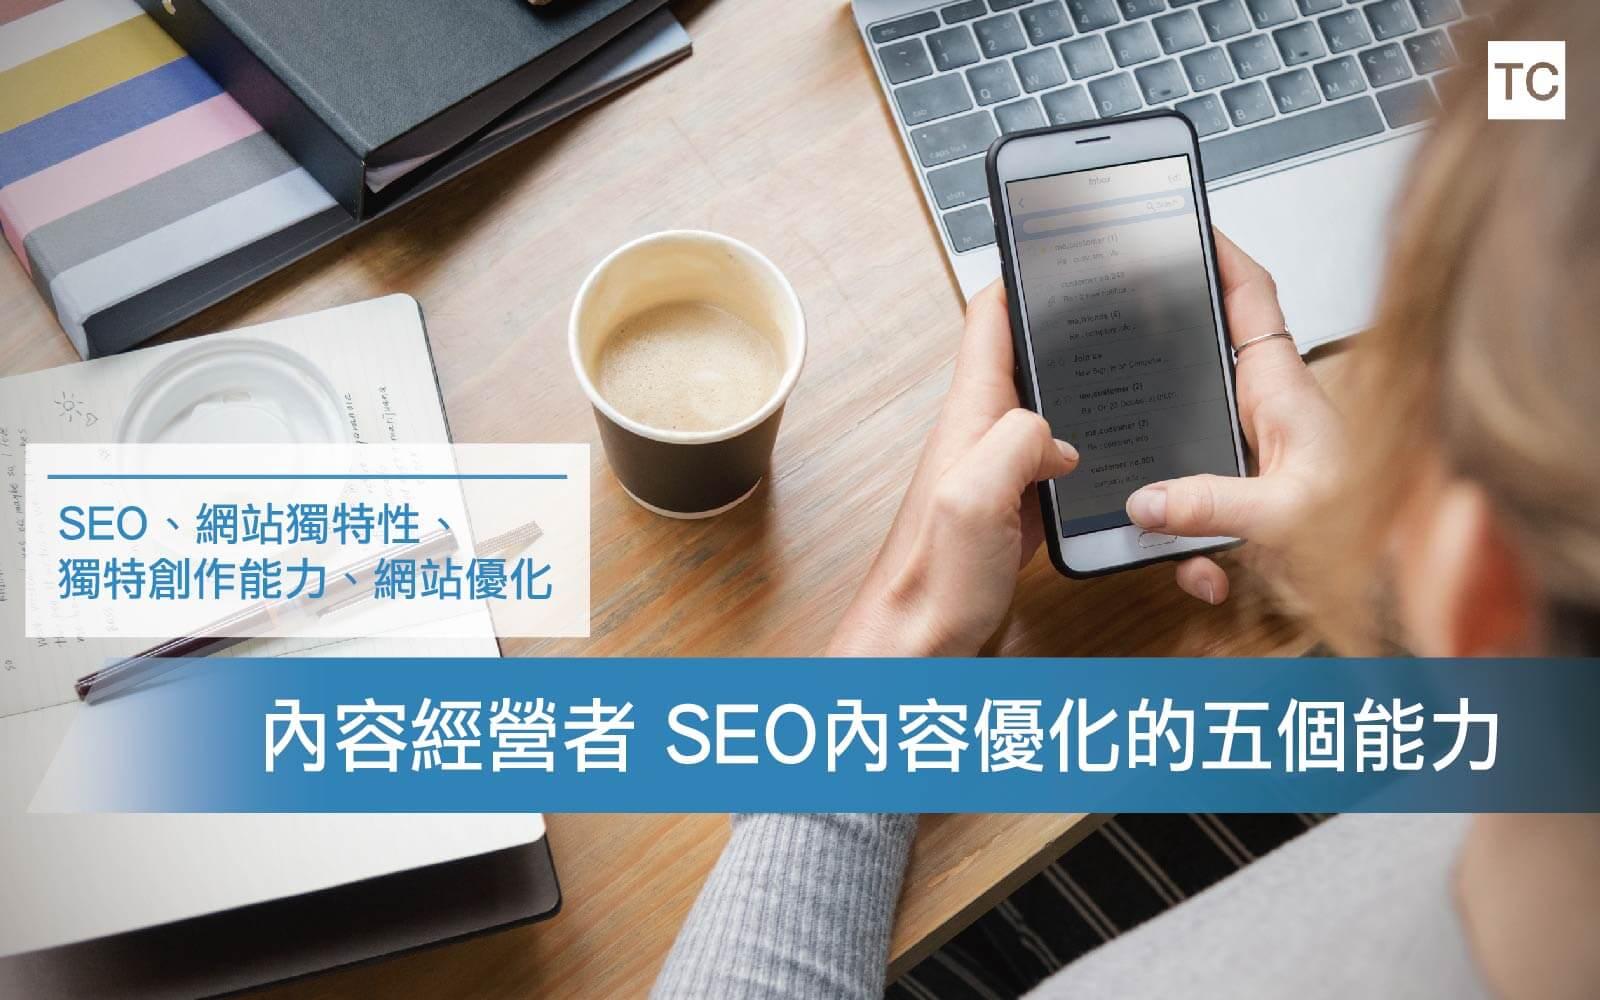 【網站優化】內容經營者,SEO內容優化的五個能力